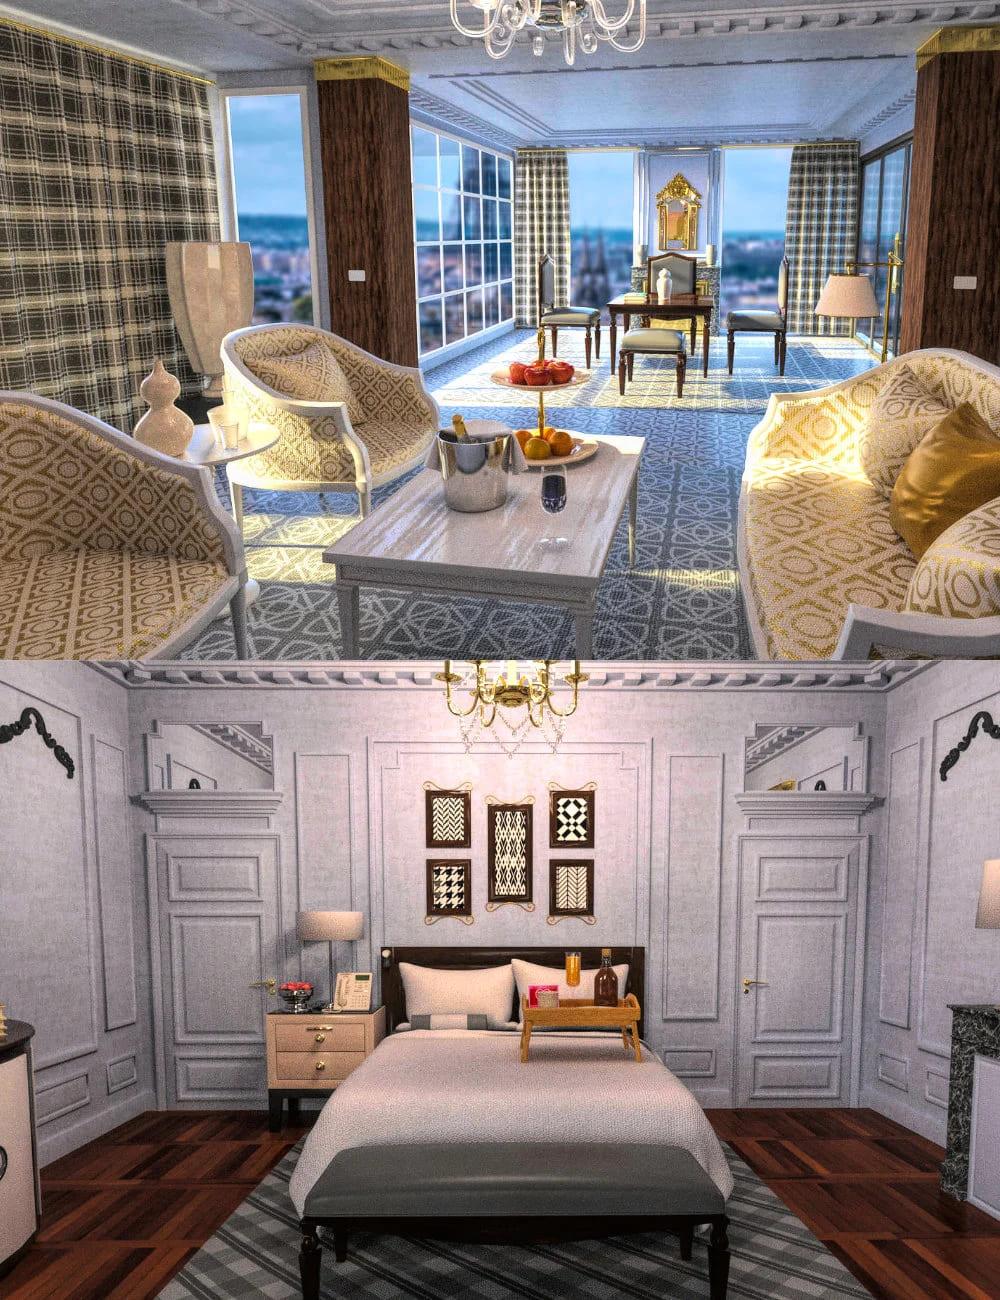 FG Parisian Hotel_DAZ3D下载站